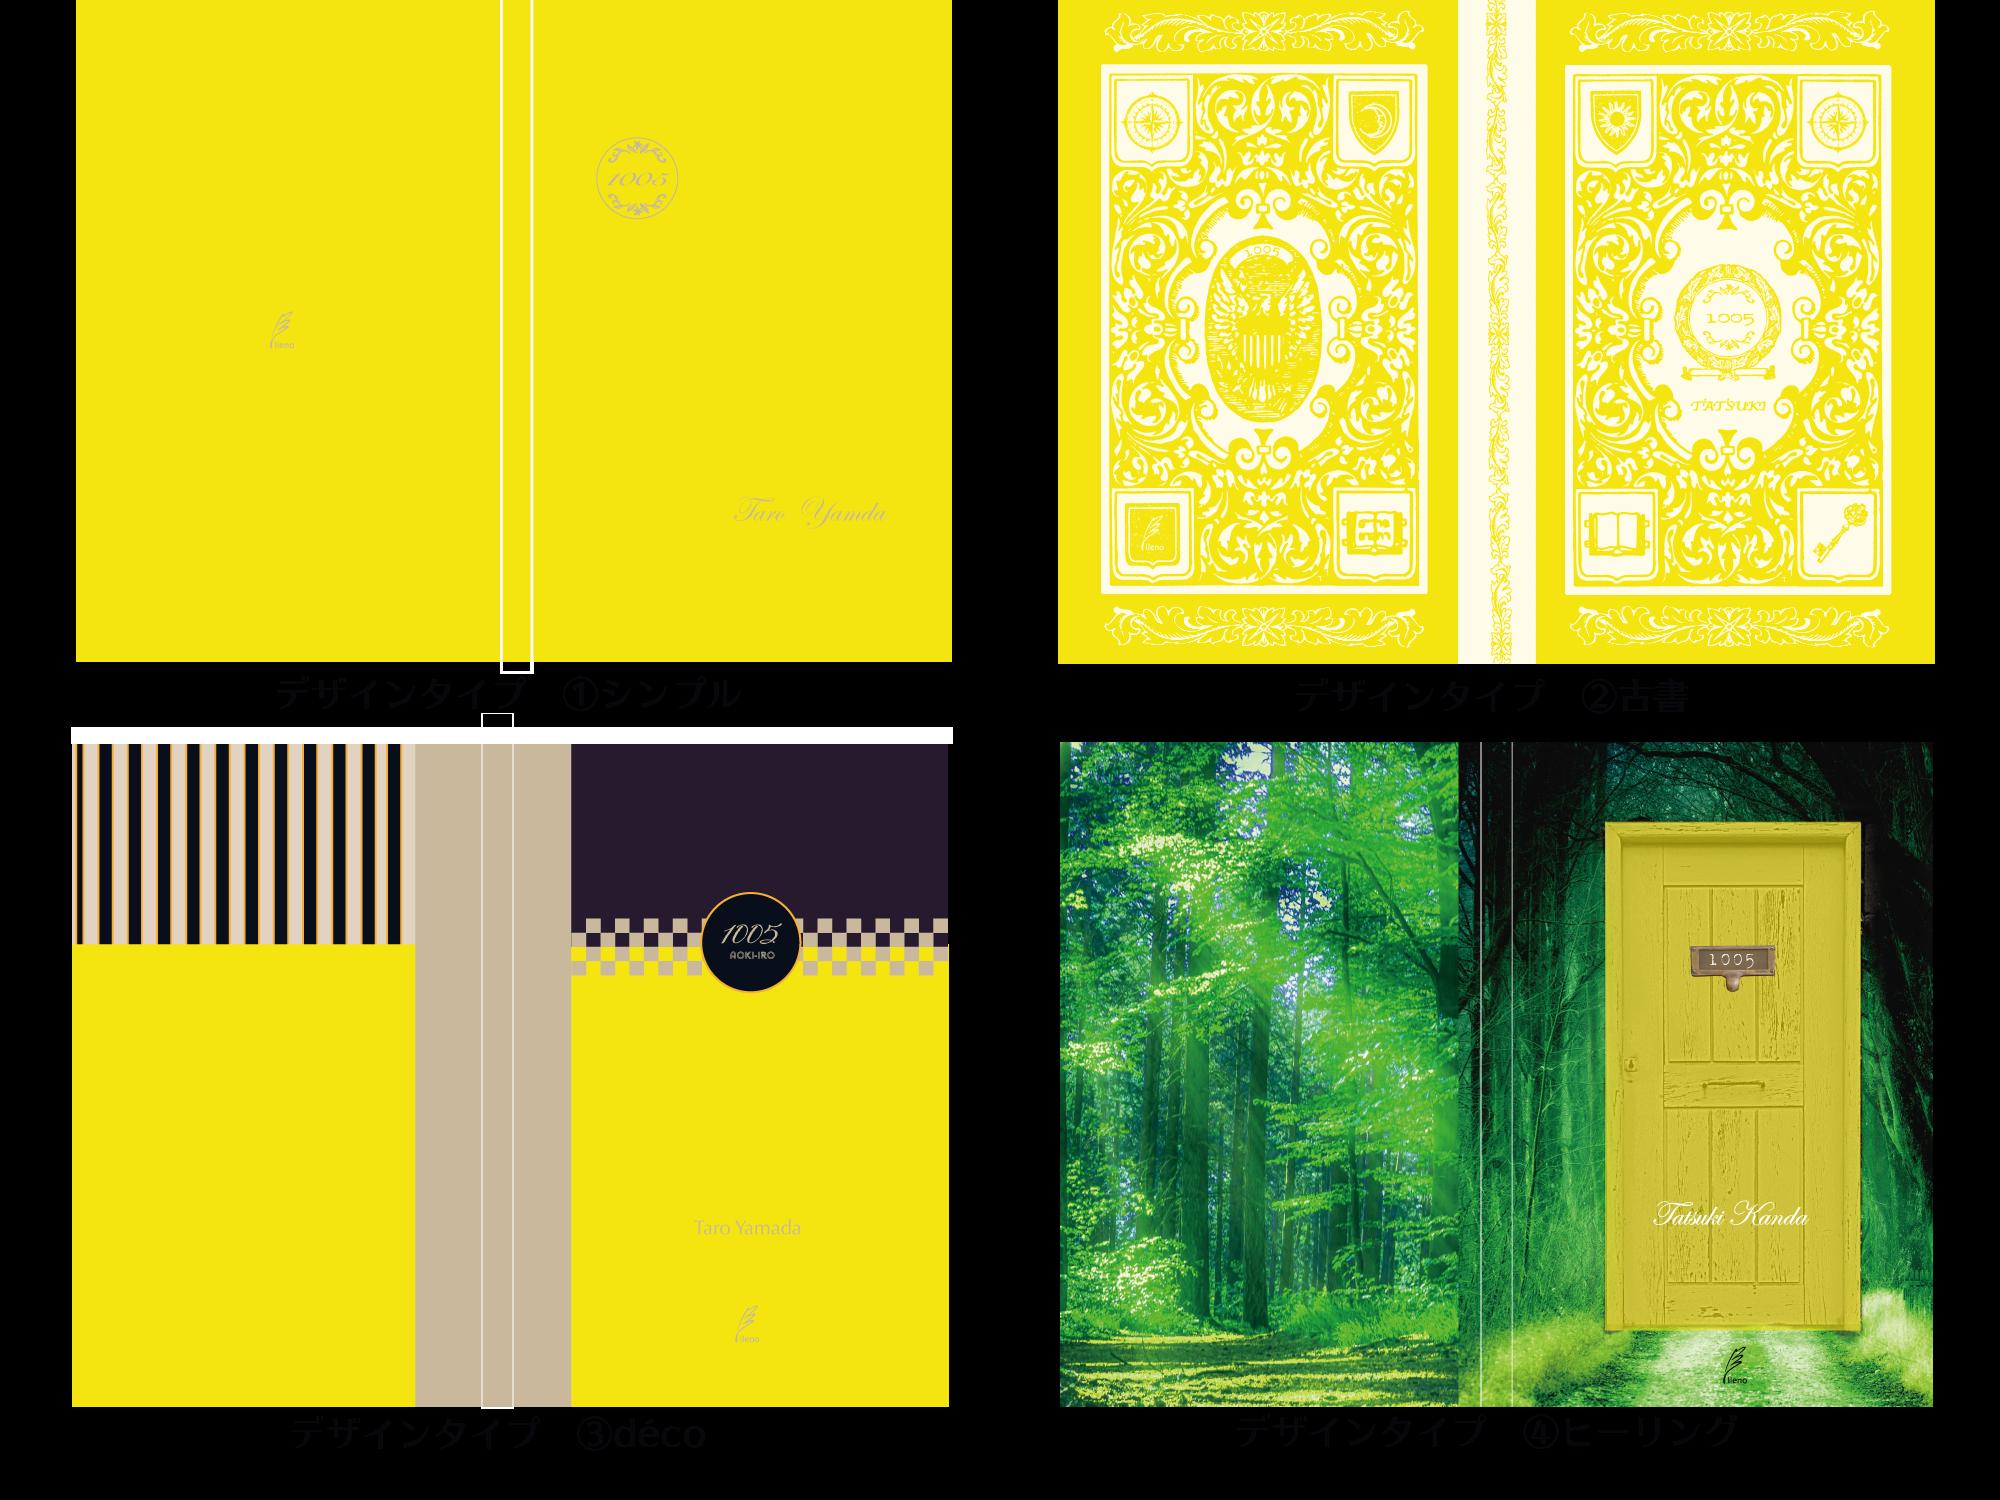 運命のノート『10月5日 青黄色』(鑑定&メッセージカード付)